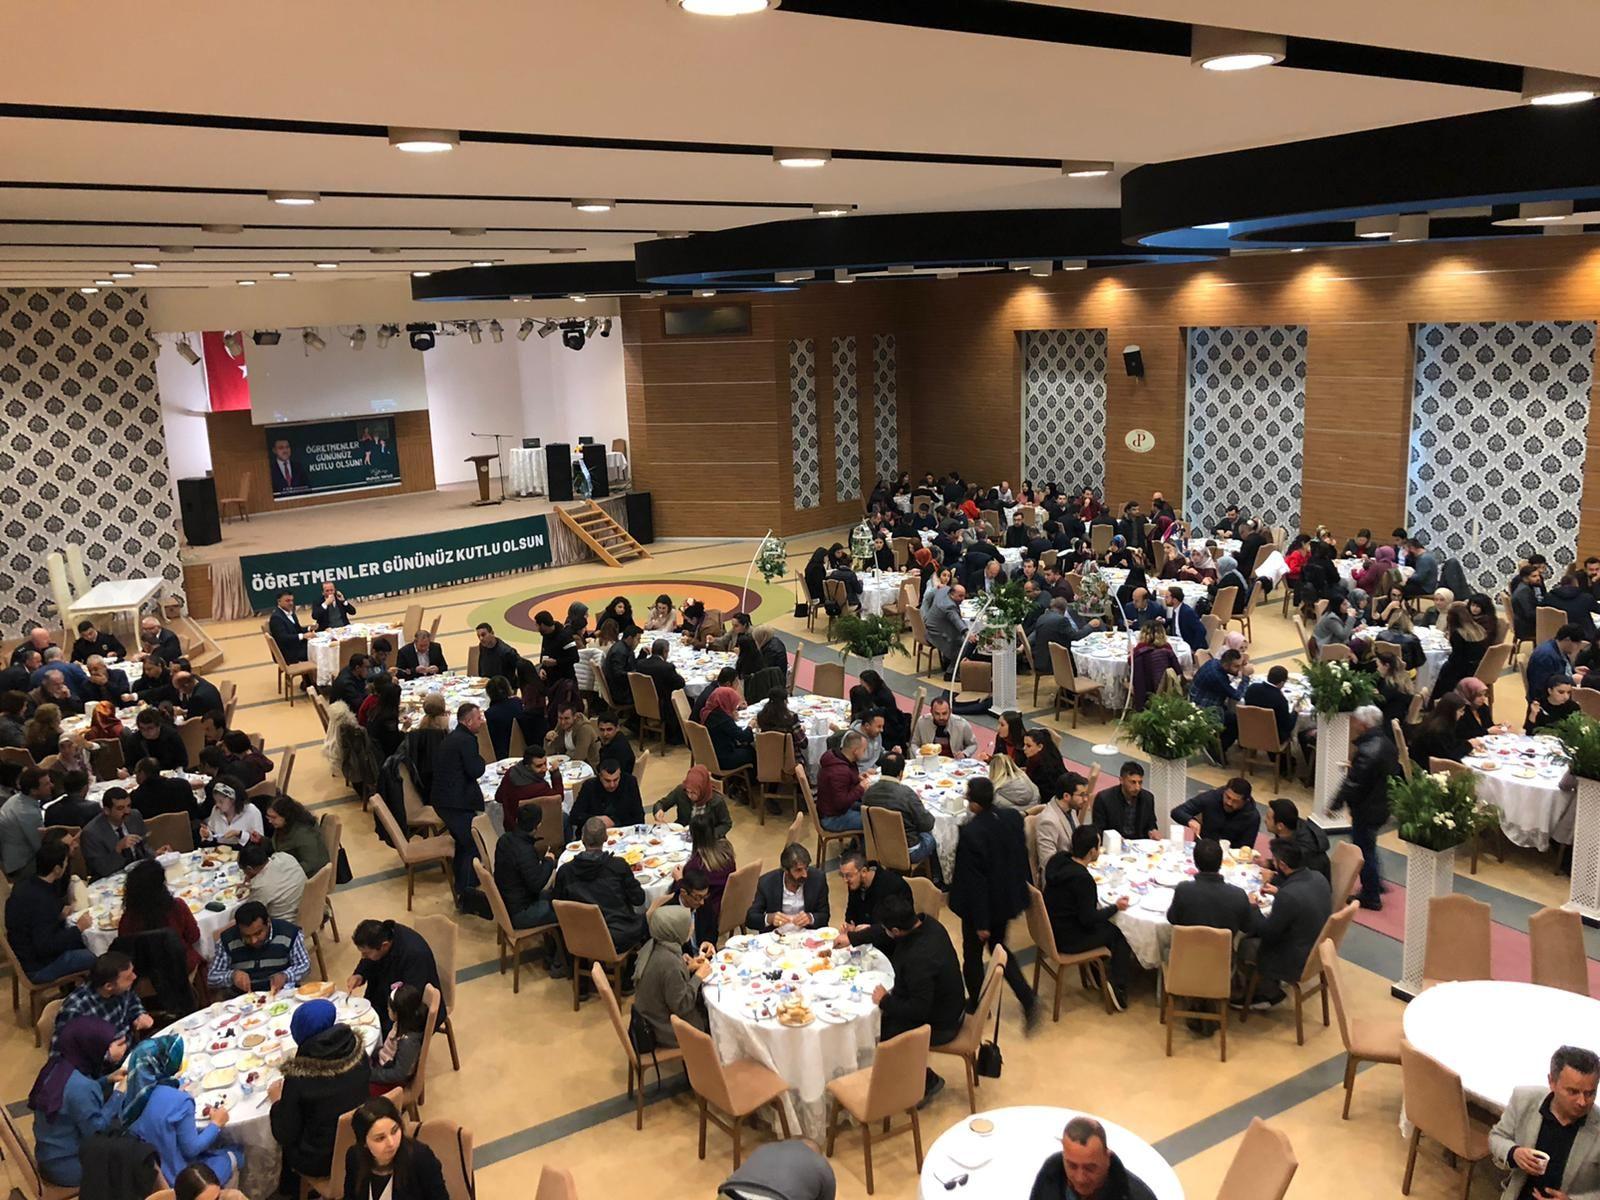 Başkna Yavuz İlçemizde Görev Yapan Öğretmenlerle Kahvaltıda Bir Araya Geldi